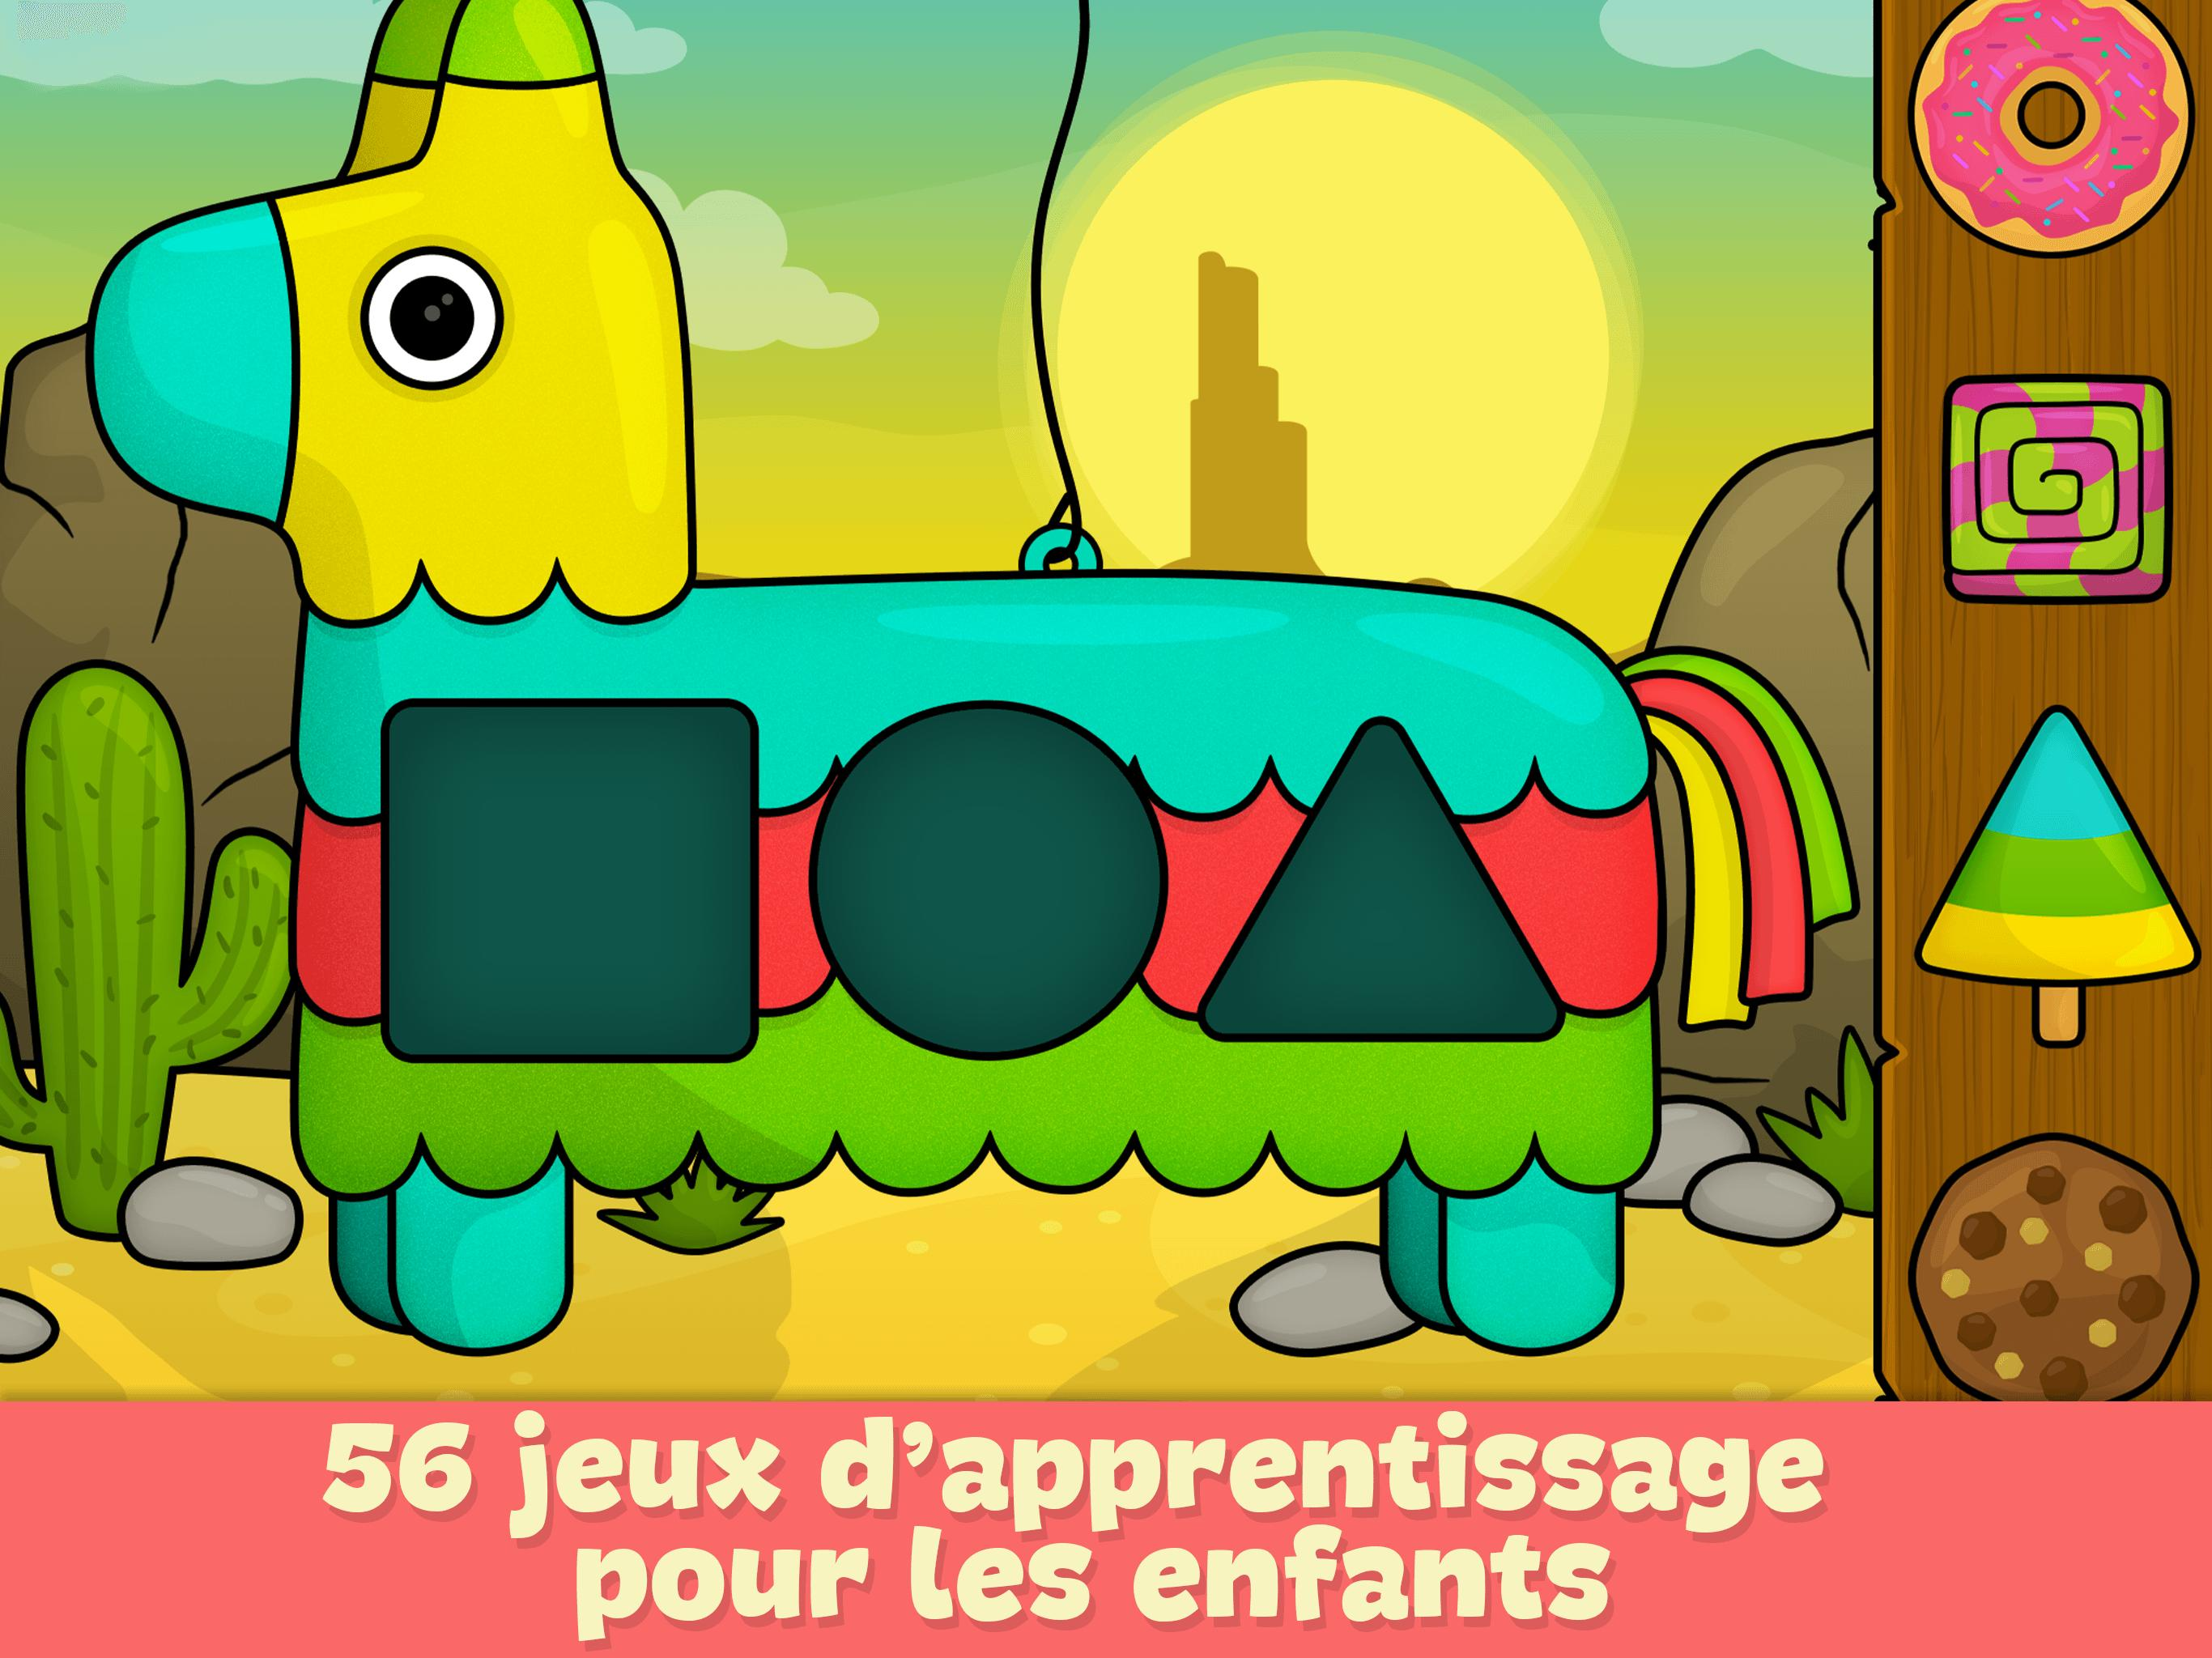 Jeux pour enfants 2 - 5 ans pour Android - Téléchargez l'APK